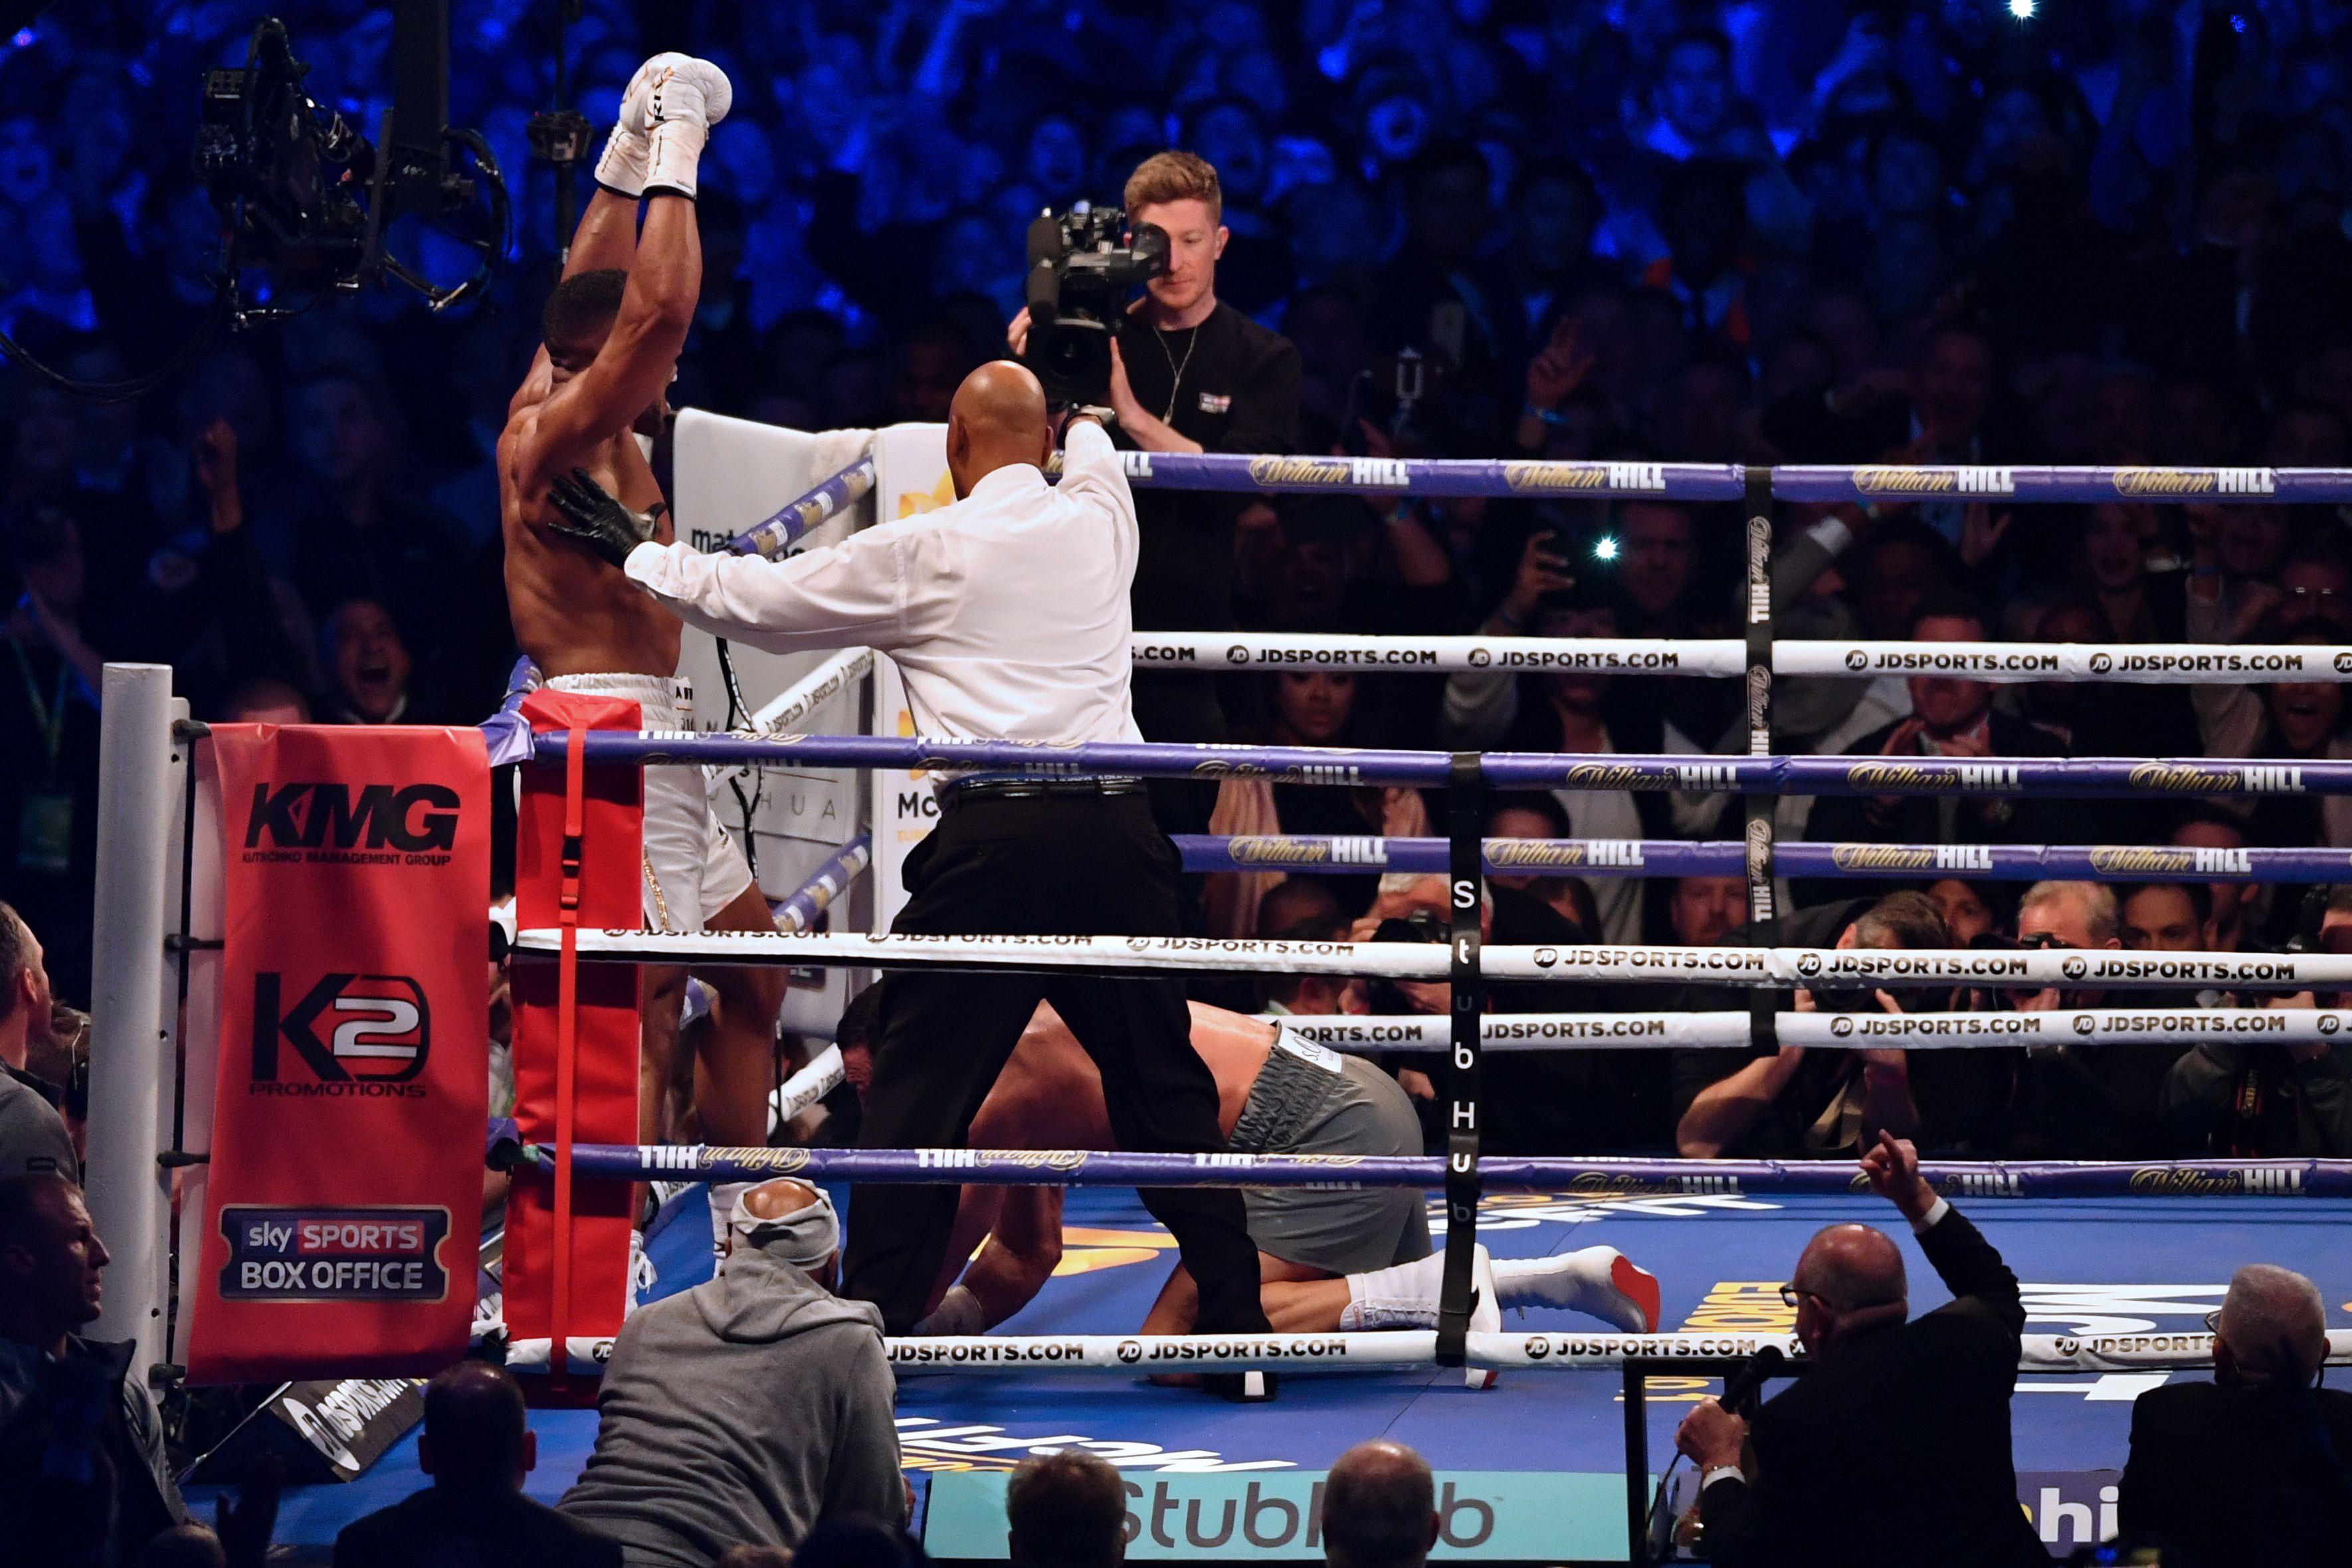 La pelea entre Joshua y Klitschko duró 11 rounds